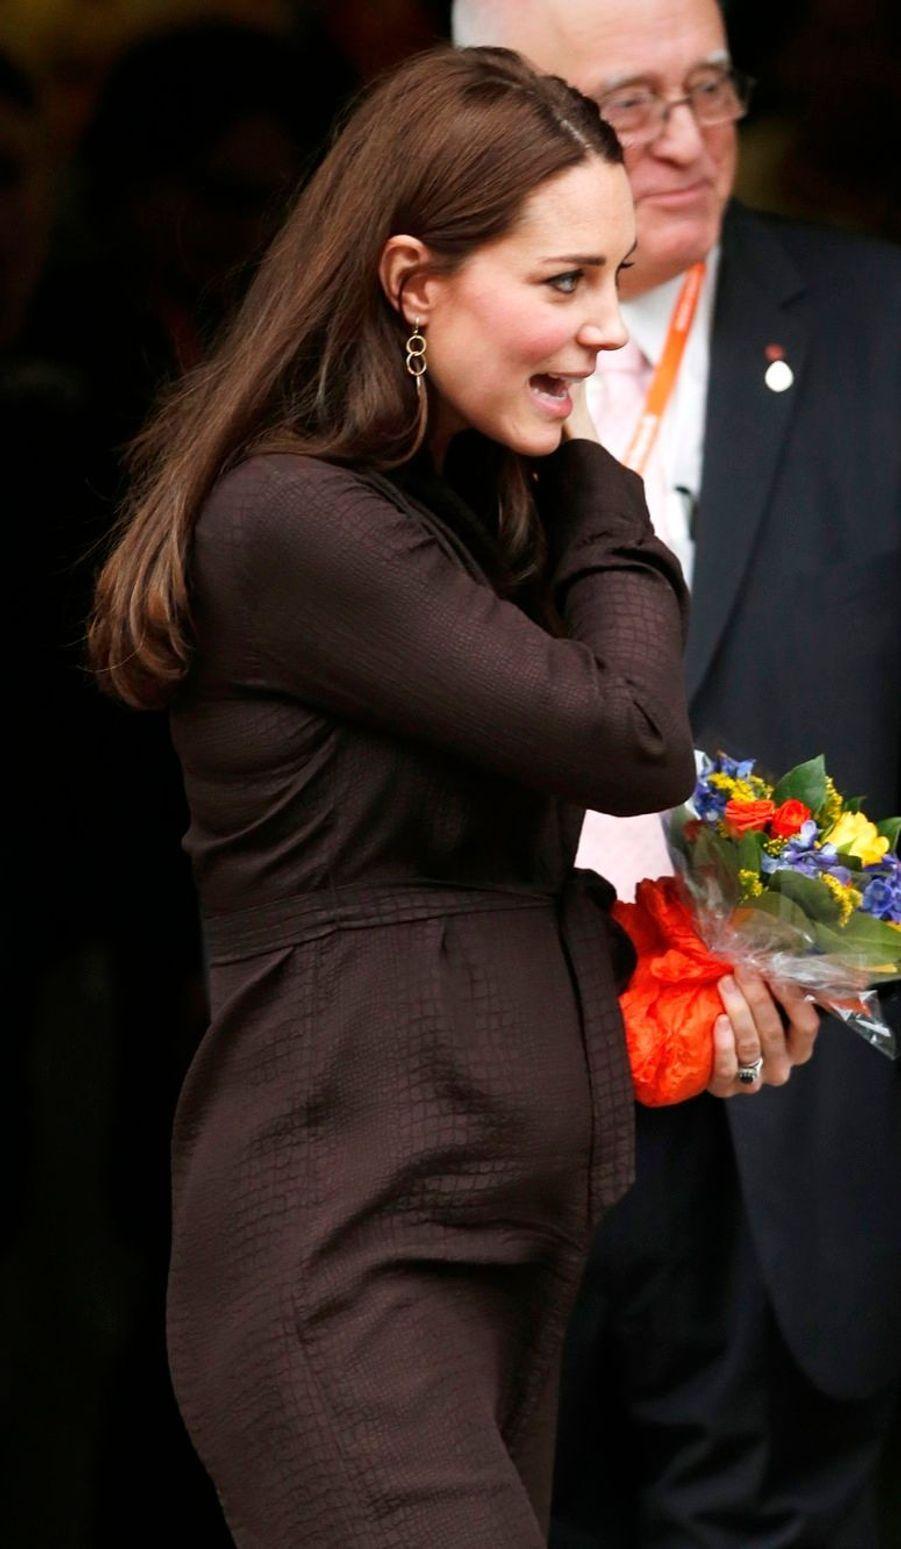 26 La Duchesse De Cambridge, Née Kate Middleton, En Visite Dans Une Association De Familles D'accueil